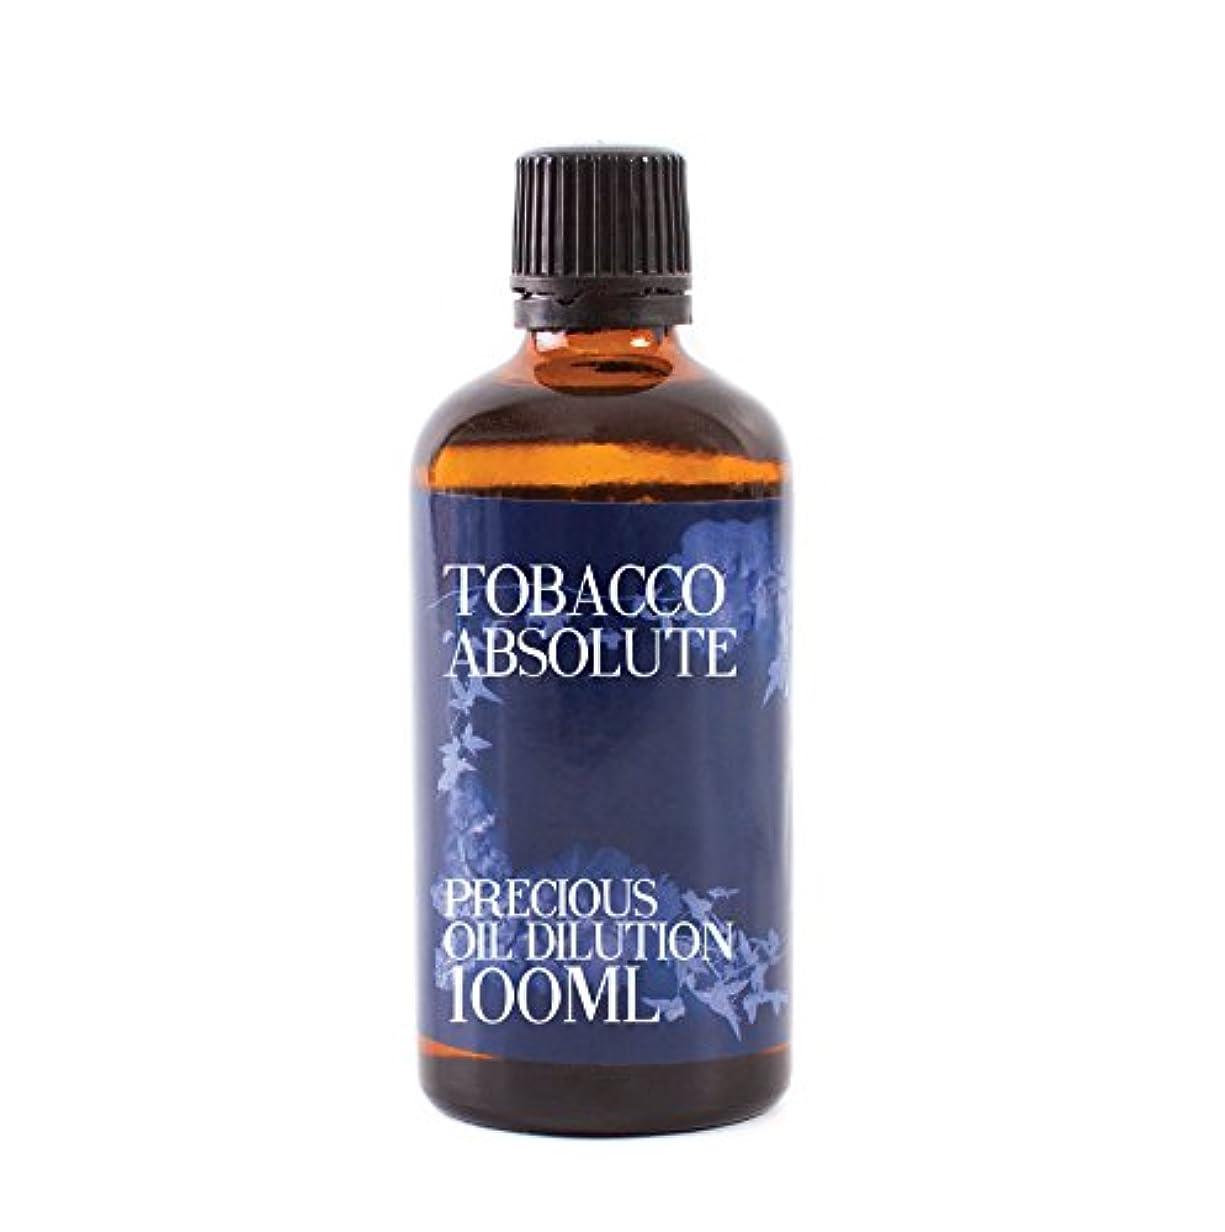 ピストン砂利頬骨Tobacco Absolute Oil Dilution - 100ml